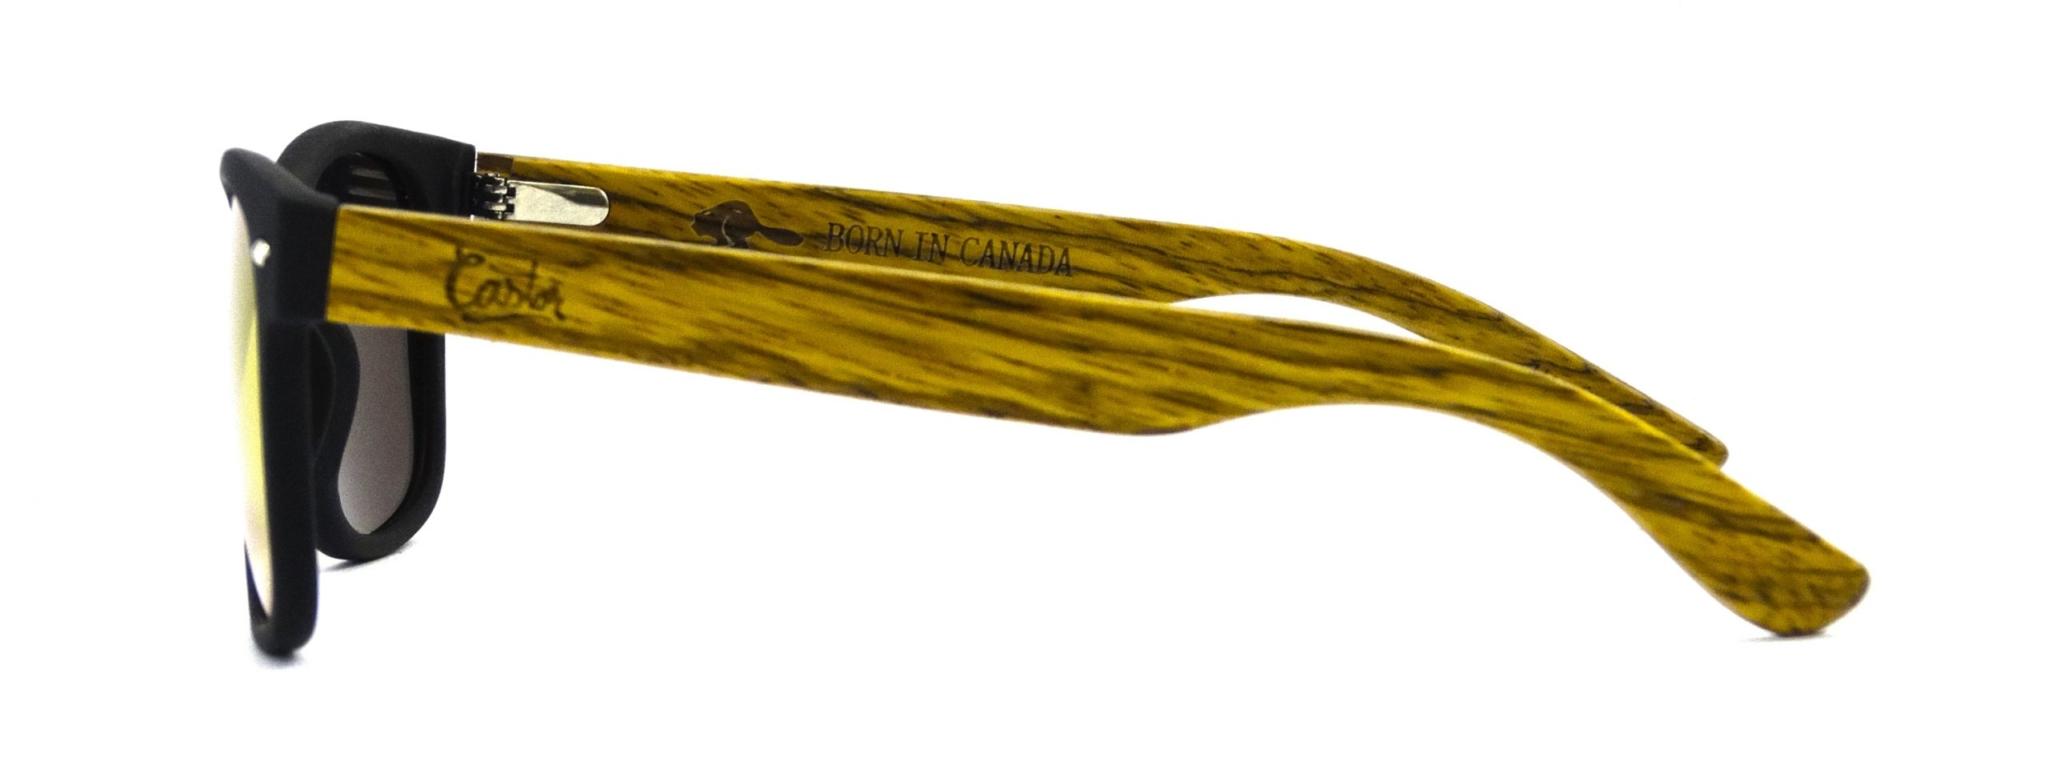 2fda1d64-25c-gafas-de-sol